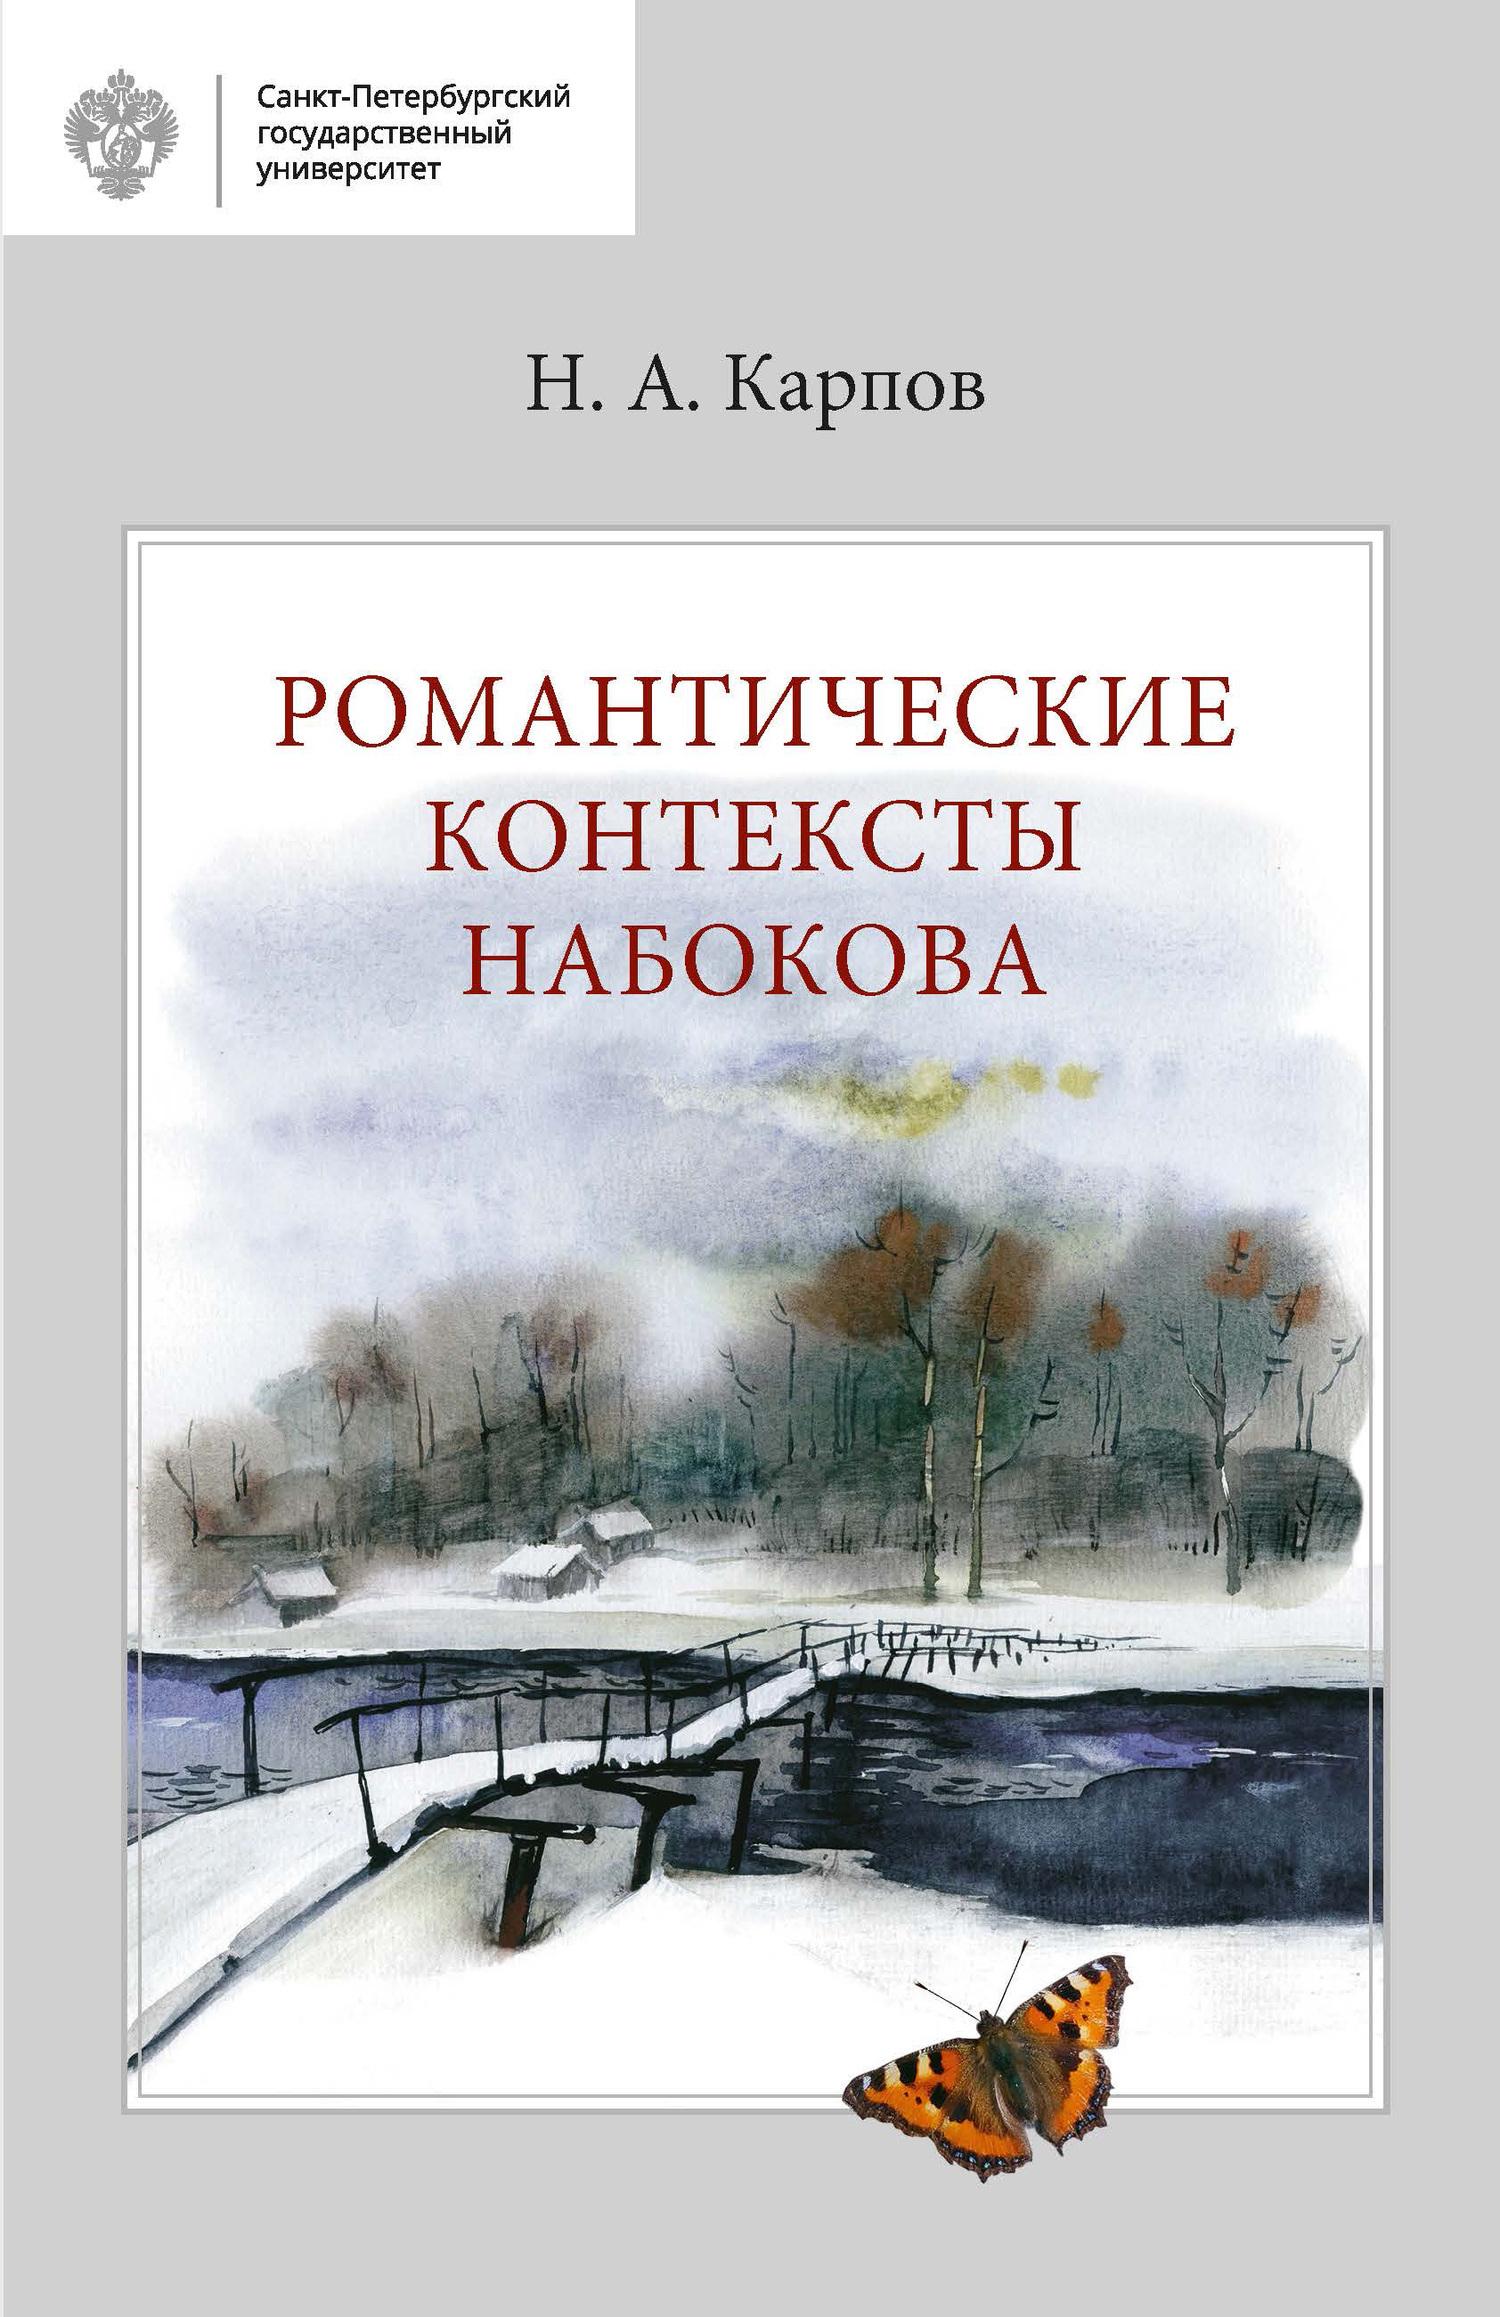 Николай Карпов. Романтические контексты Набокова